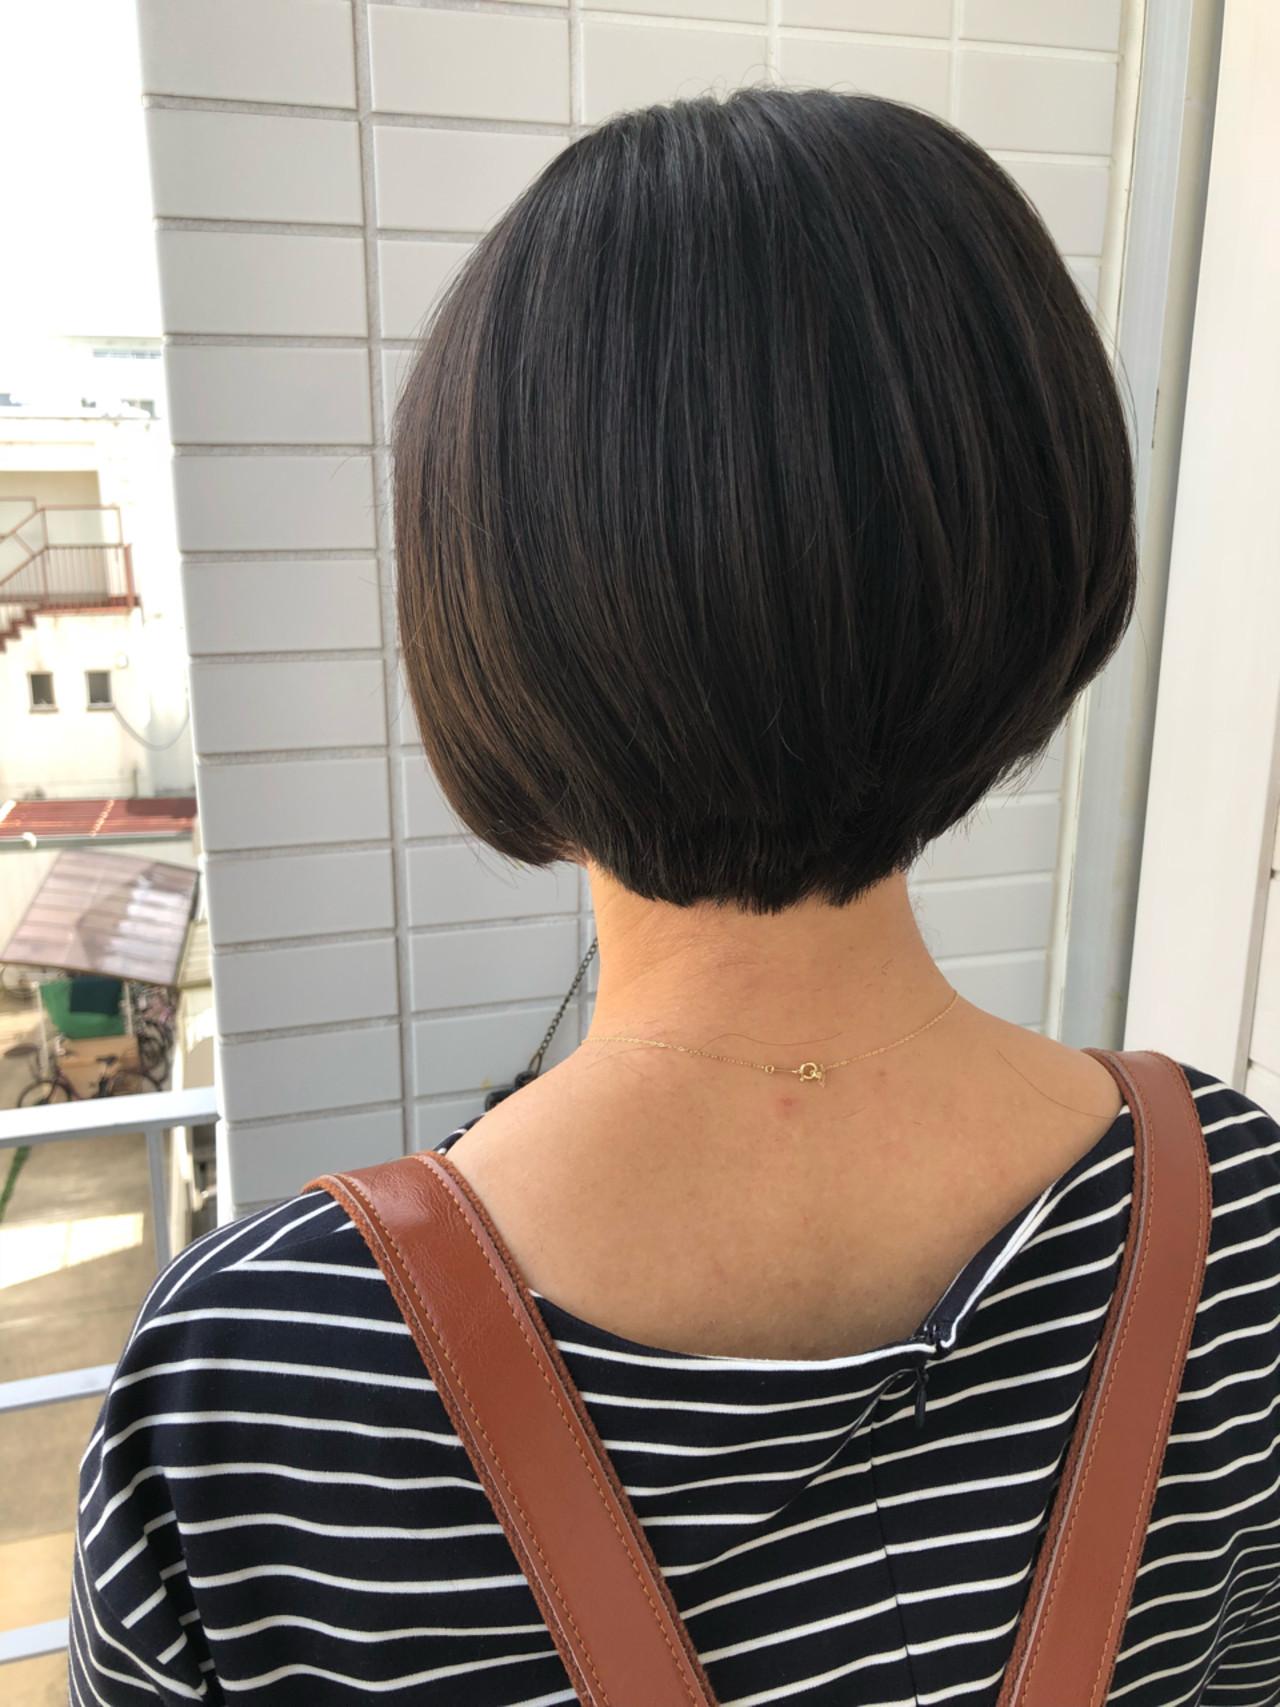 ナチュラル 小顔 女子力 似合わせ ヘアスタイルや髪型の写真・画像 | 賀満洋行/OCEAN Hair&Life / OCEAN Hair&Life